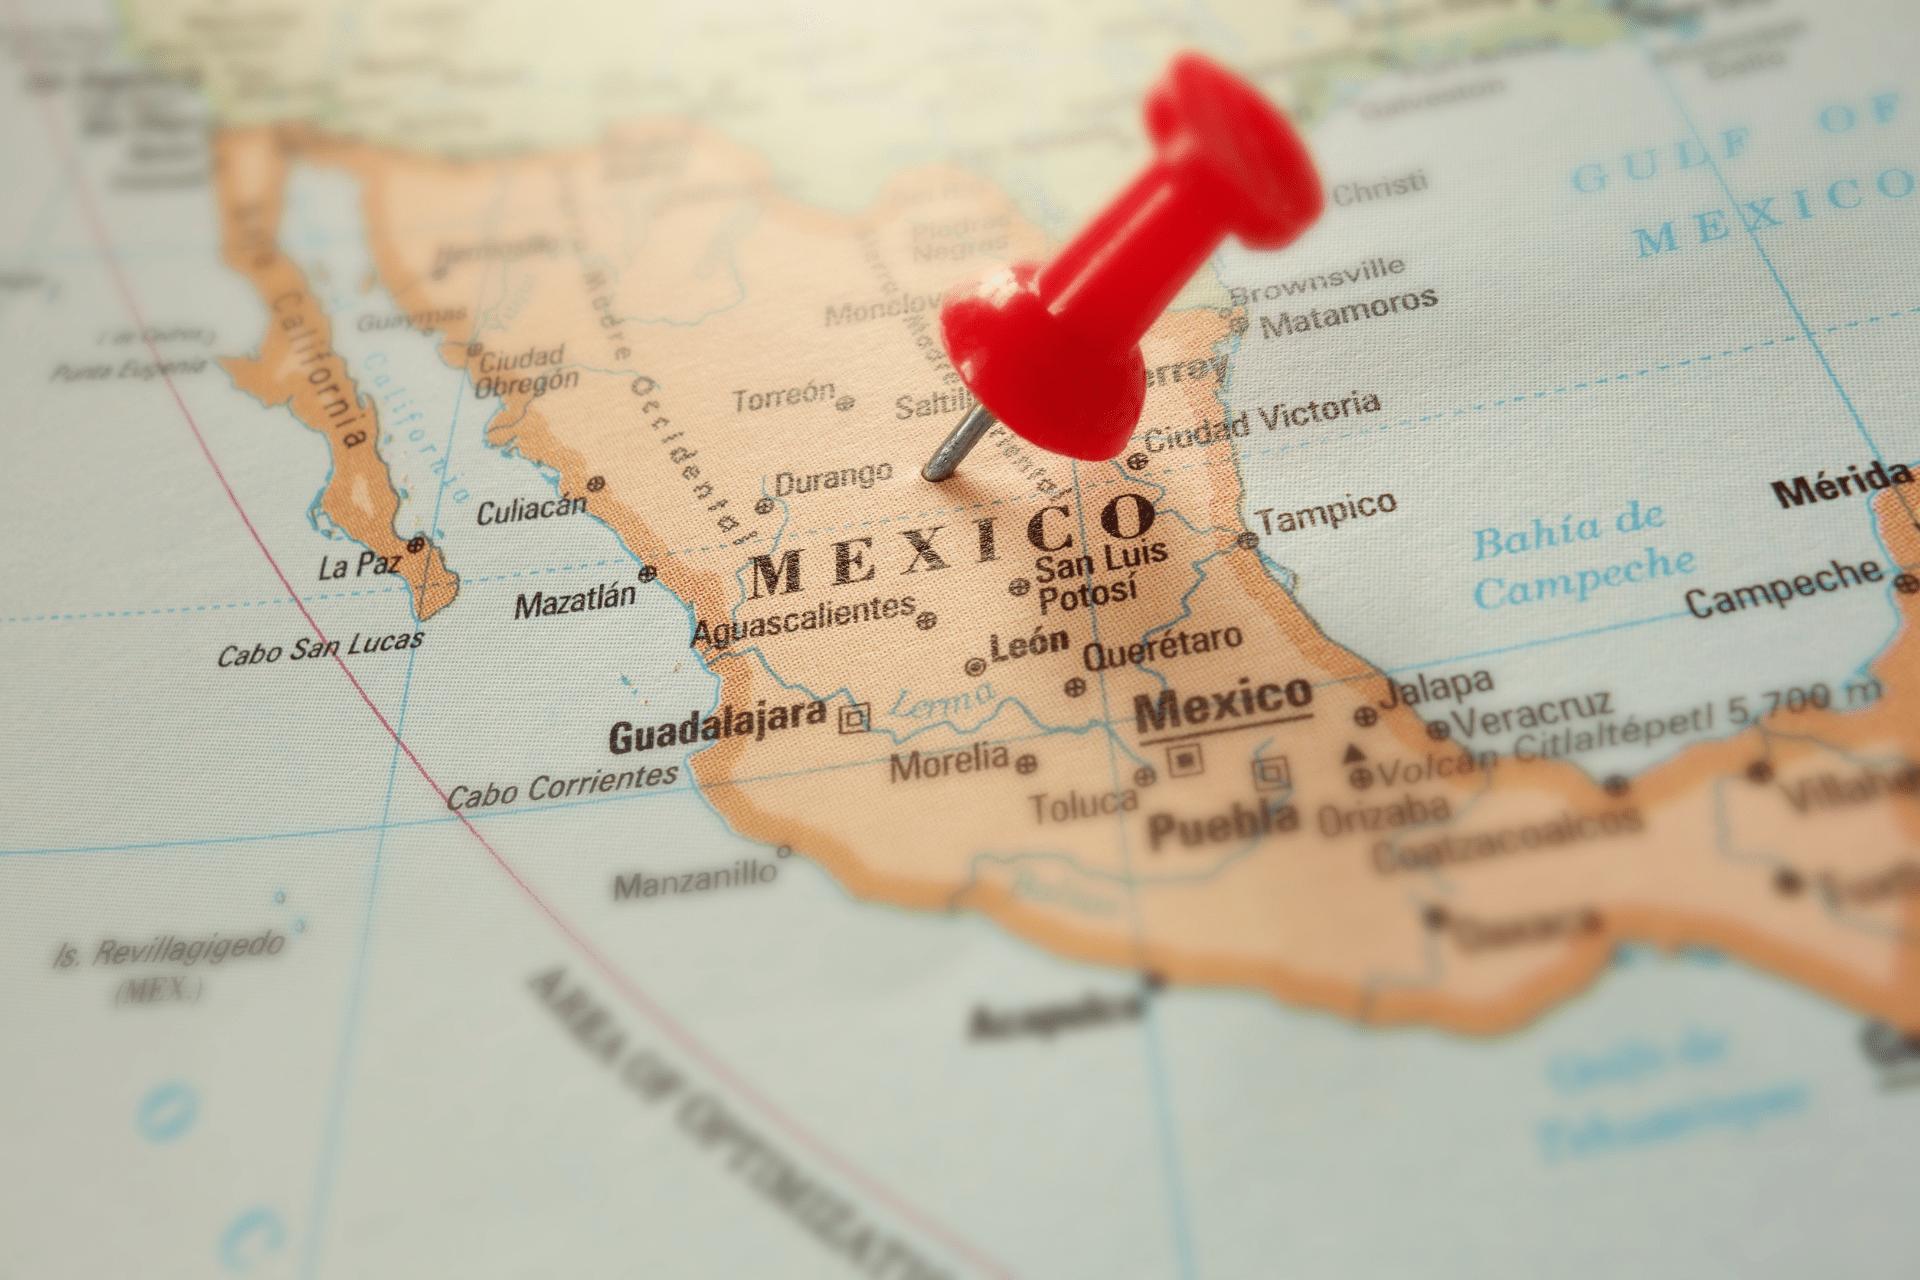 Comercio entre Mexico y Centroamerica